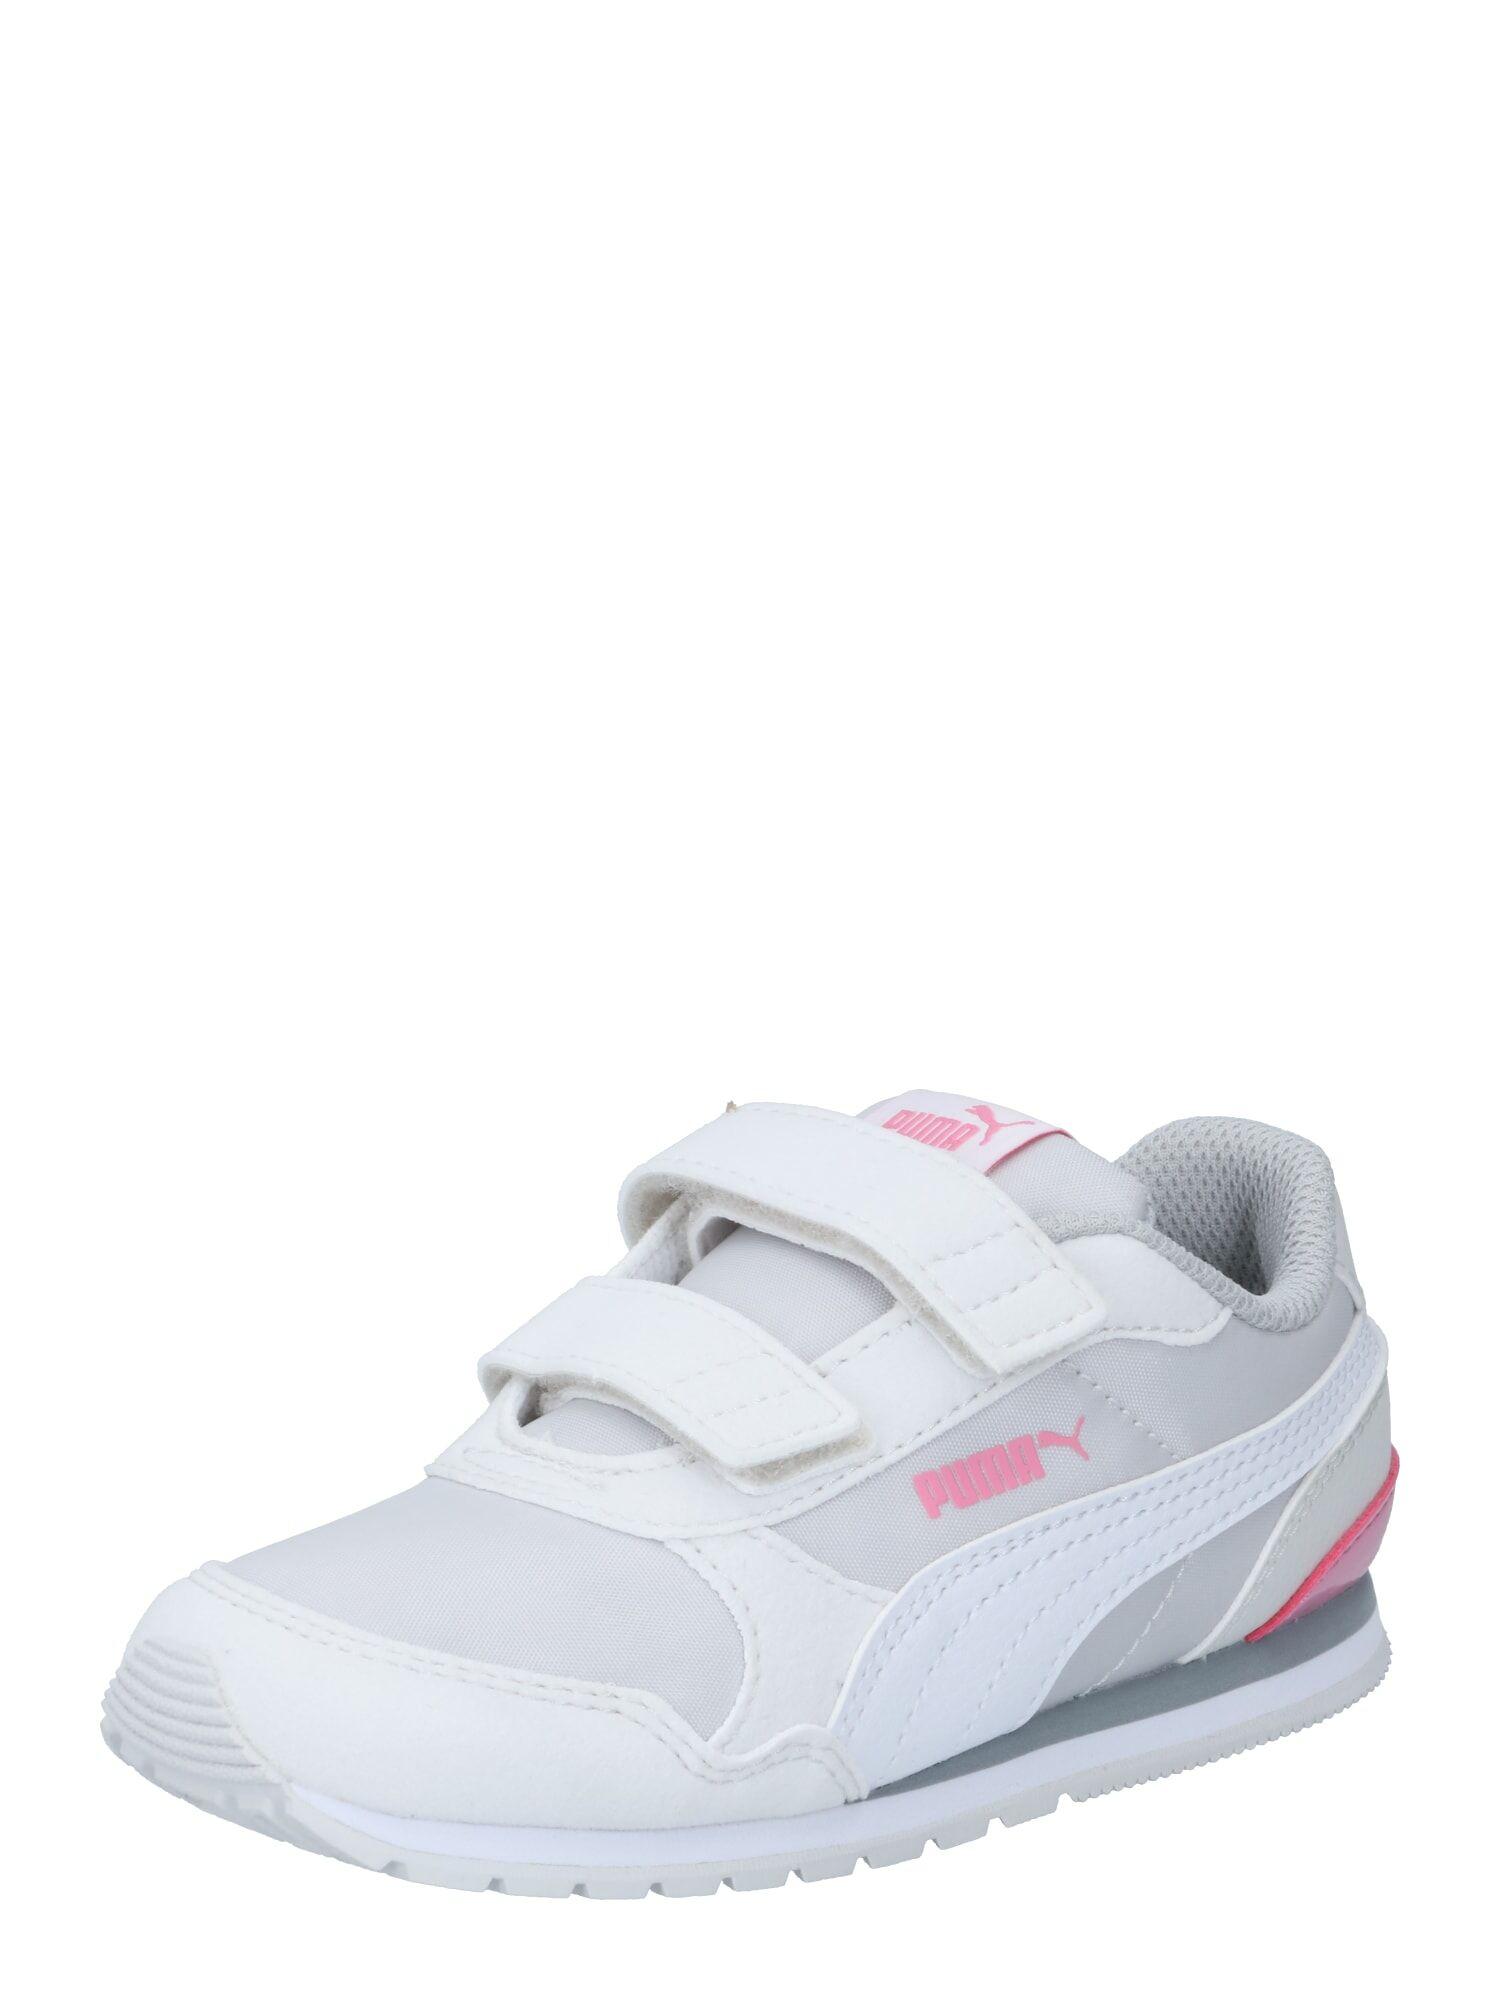 PUMA Sneaker 'ST Runner v2 NL' Bianco